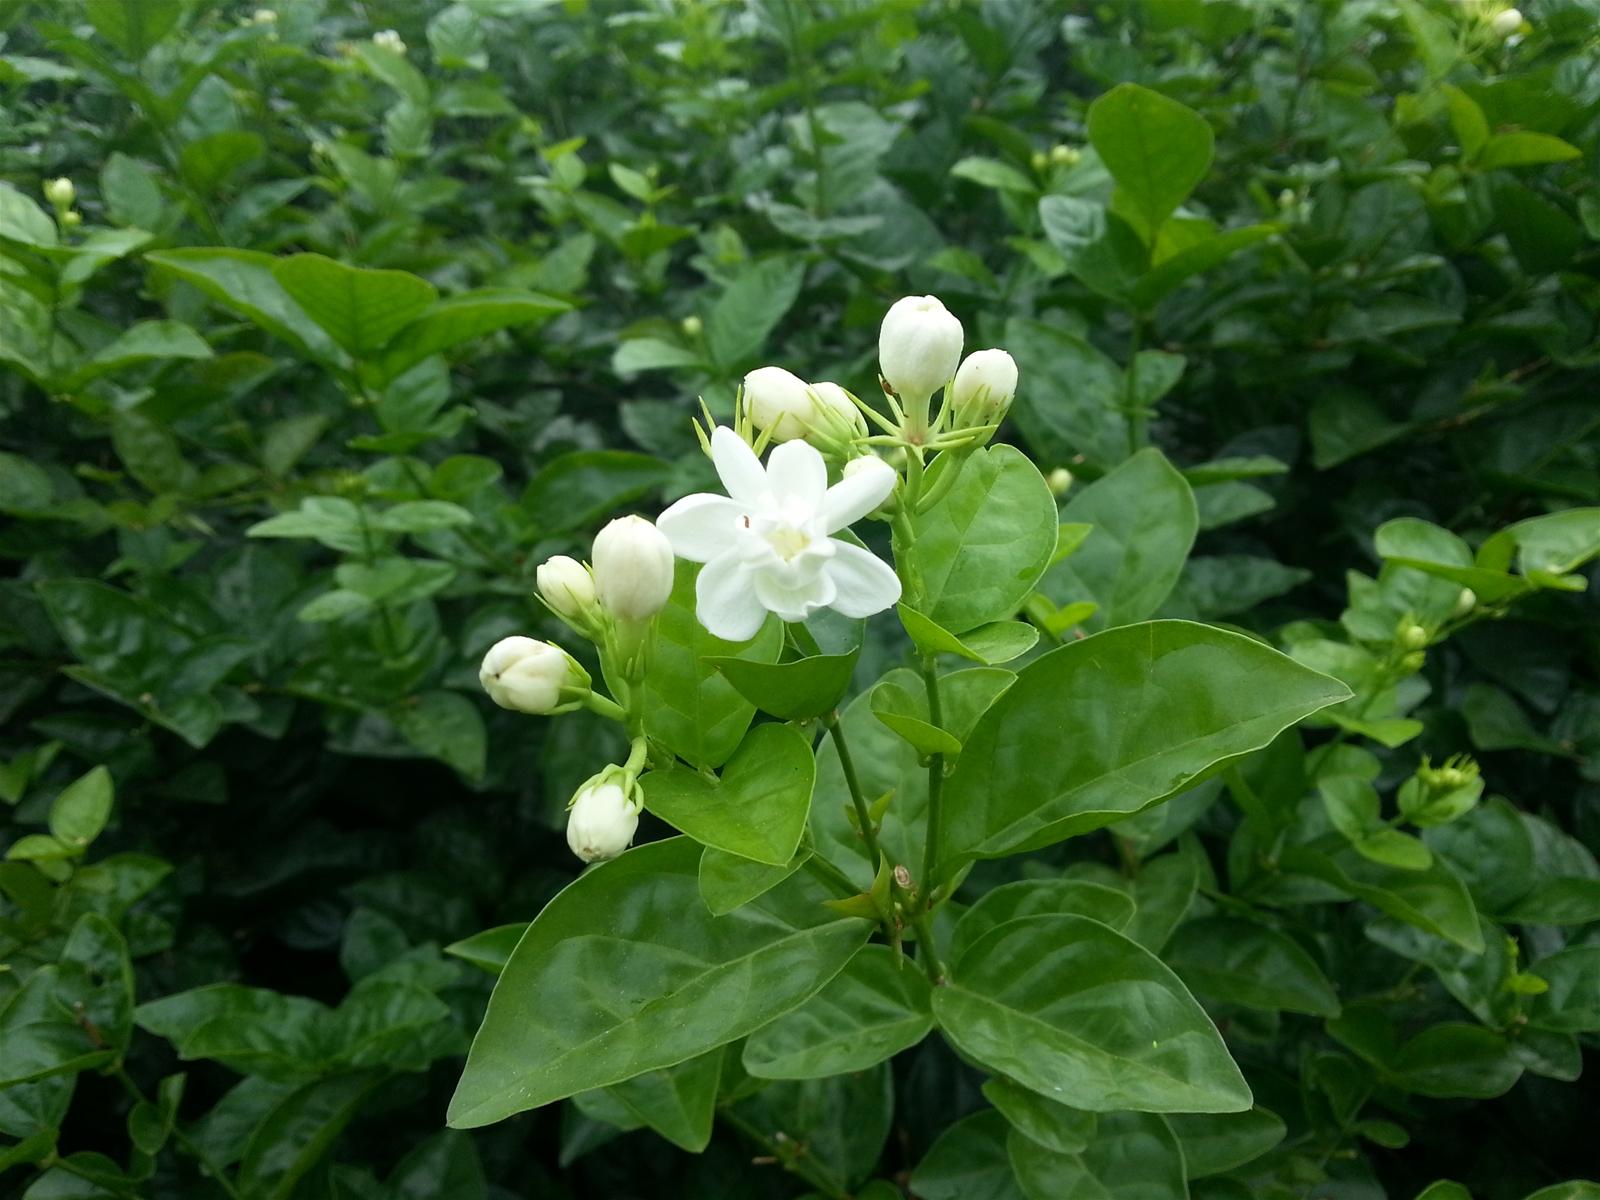 Trà hoa lài được xếp vào một trong tứ đại danh trà cổ truyền của người Việt Nam